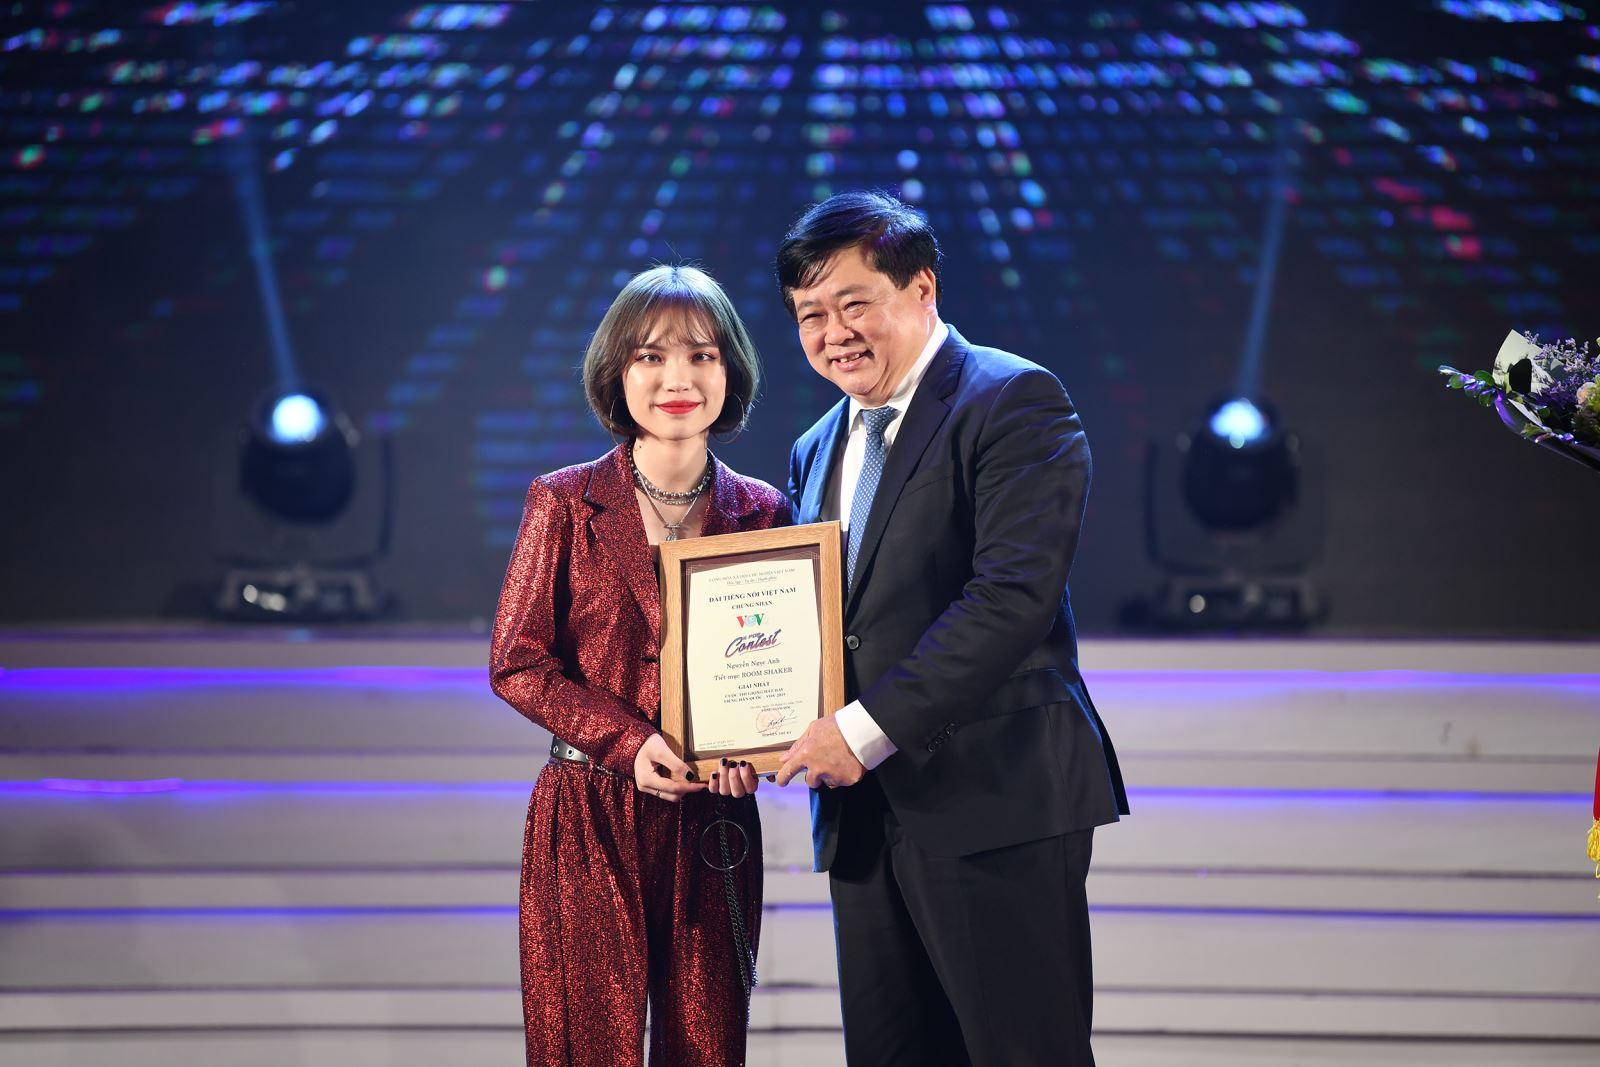 Tổng Giám đốc Đài TNVN Nguyễn Thế Kỷ trao giải Nhất cuộc thi cho Nguyễn Ngọc Anh. Ảnh: T.C